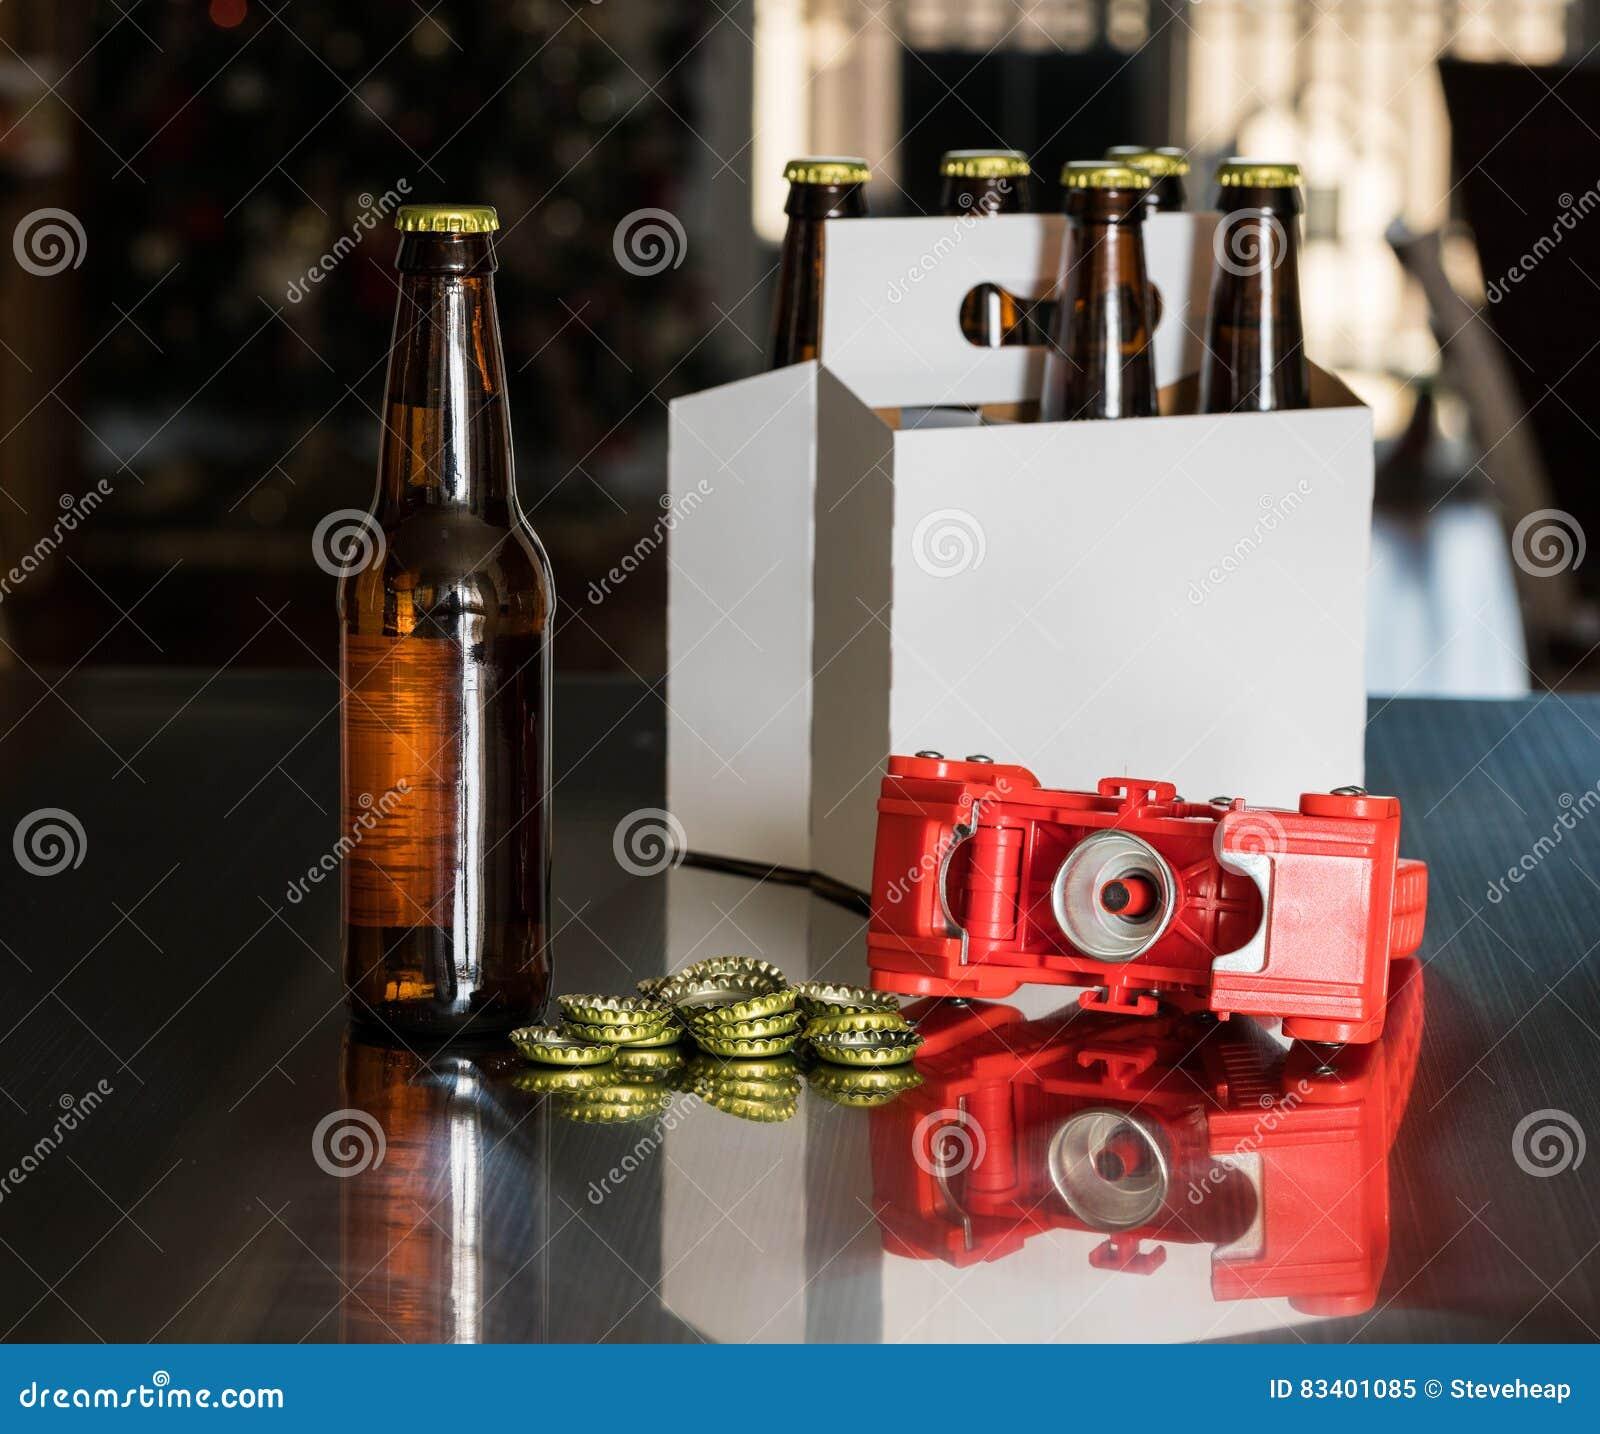 Rode plastic capsuleermachine om metaalkappen op bierfles te zetten